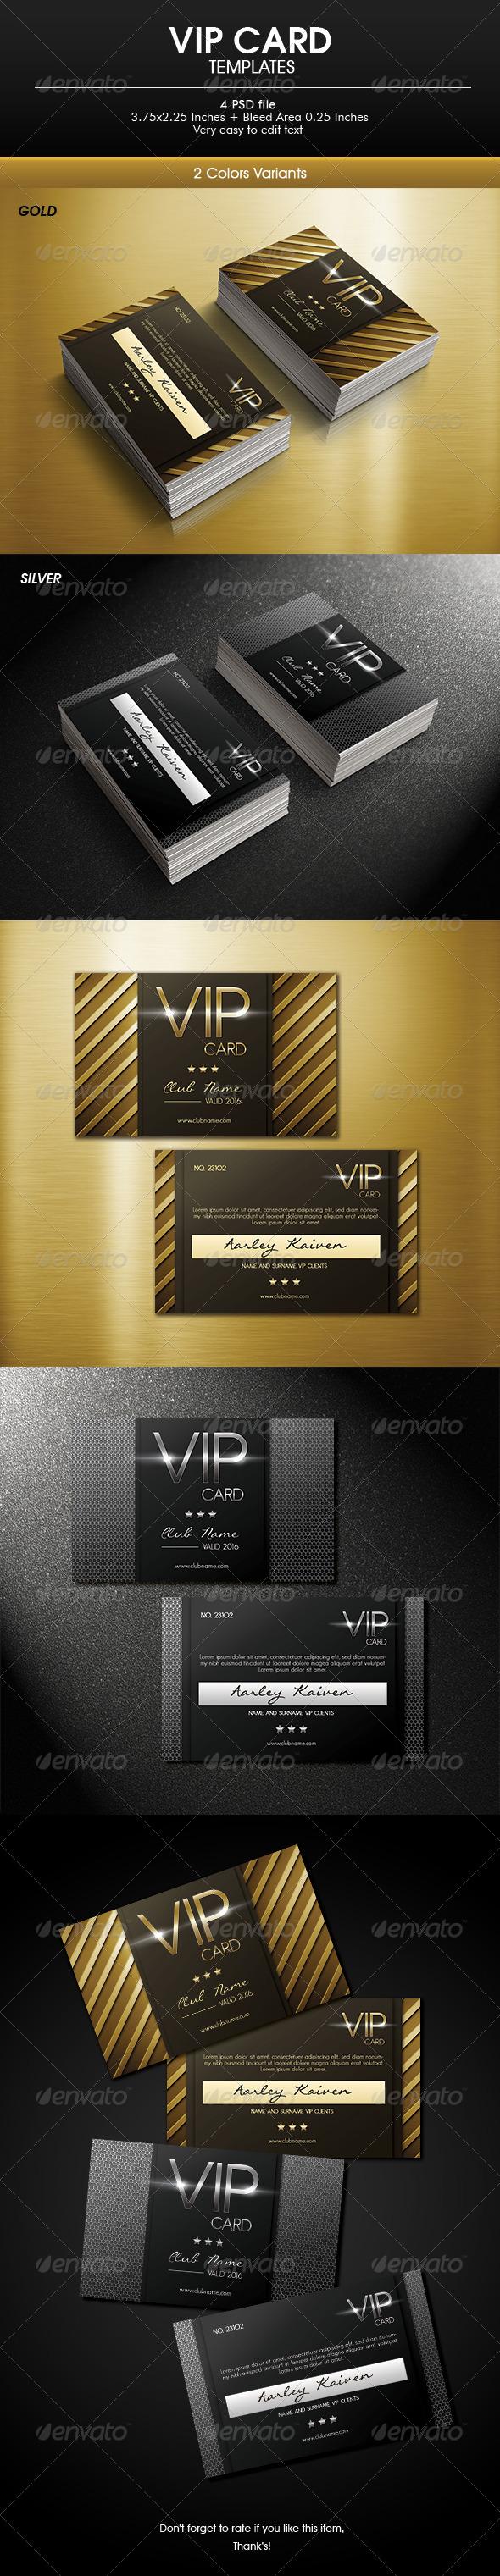 GraphicRiver Vip Card 6784121